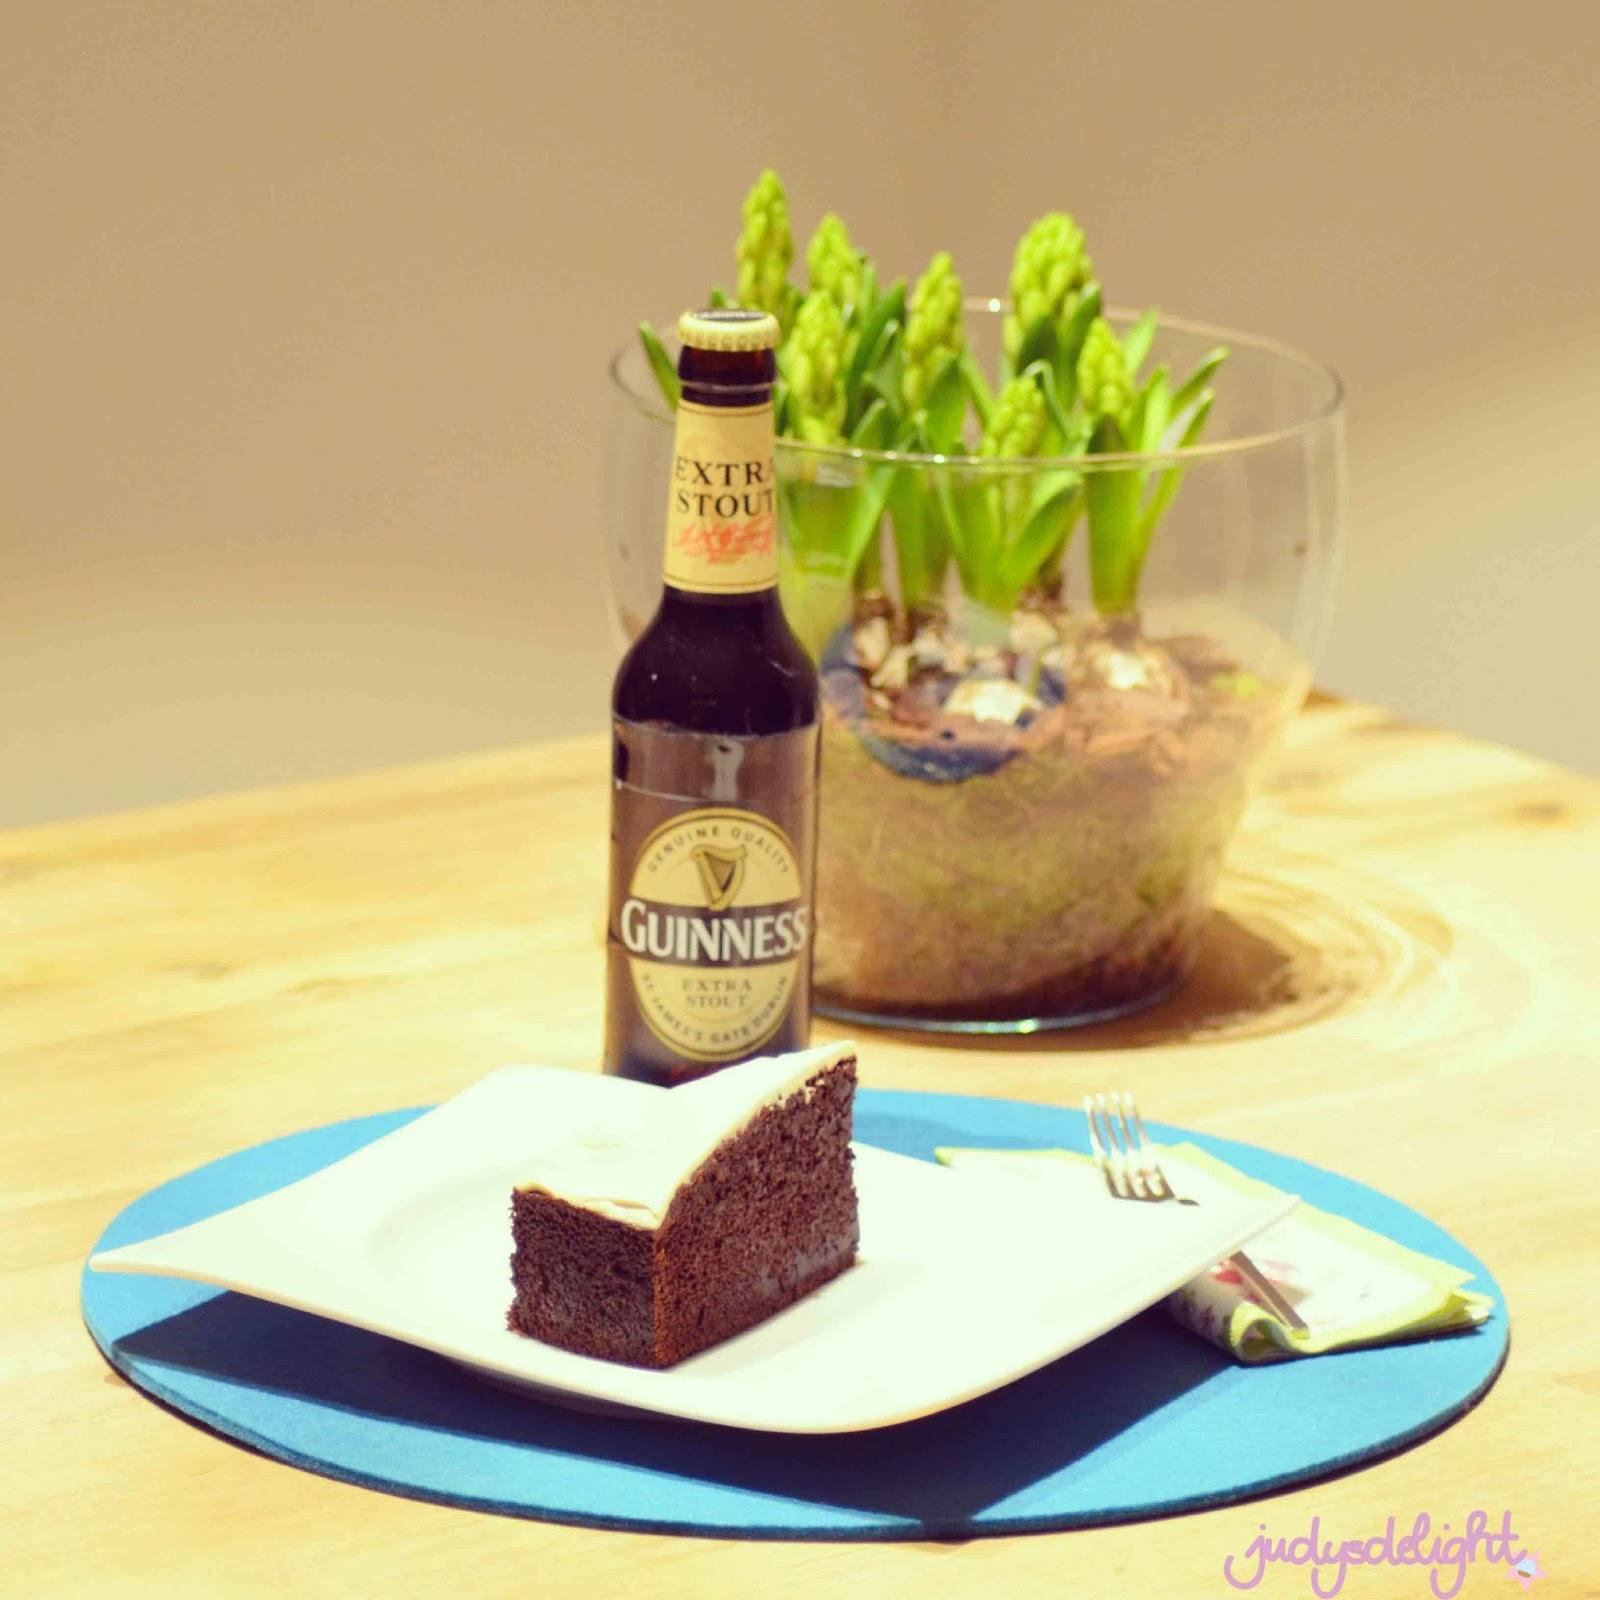 Guinesskuchen - Kuchen mit Bier | judysdelight